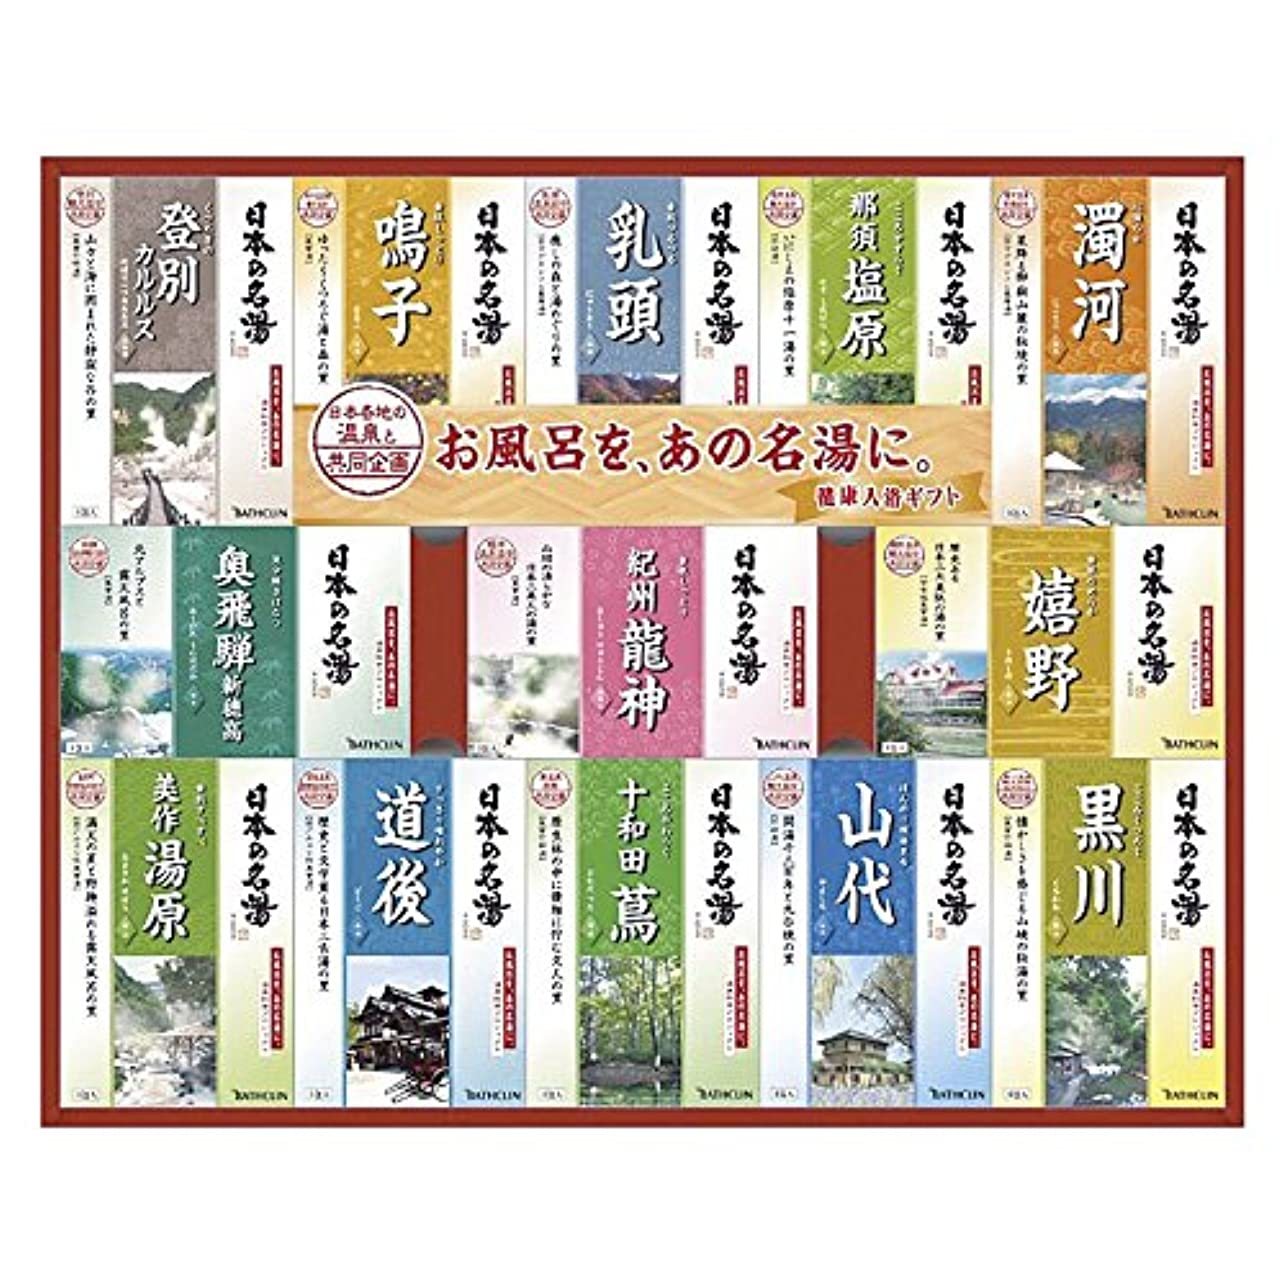 肌寒い謙虚な手順バスクリン 日本の名湯 ギフトセット 【保湿 ギフト 温泉 発汗 セット あったまる いろいろ うるおい うるおう しっとり すべすべ はっかん 極楽 ごくらく ゆったり ばすくりん 5000】